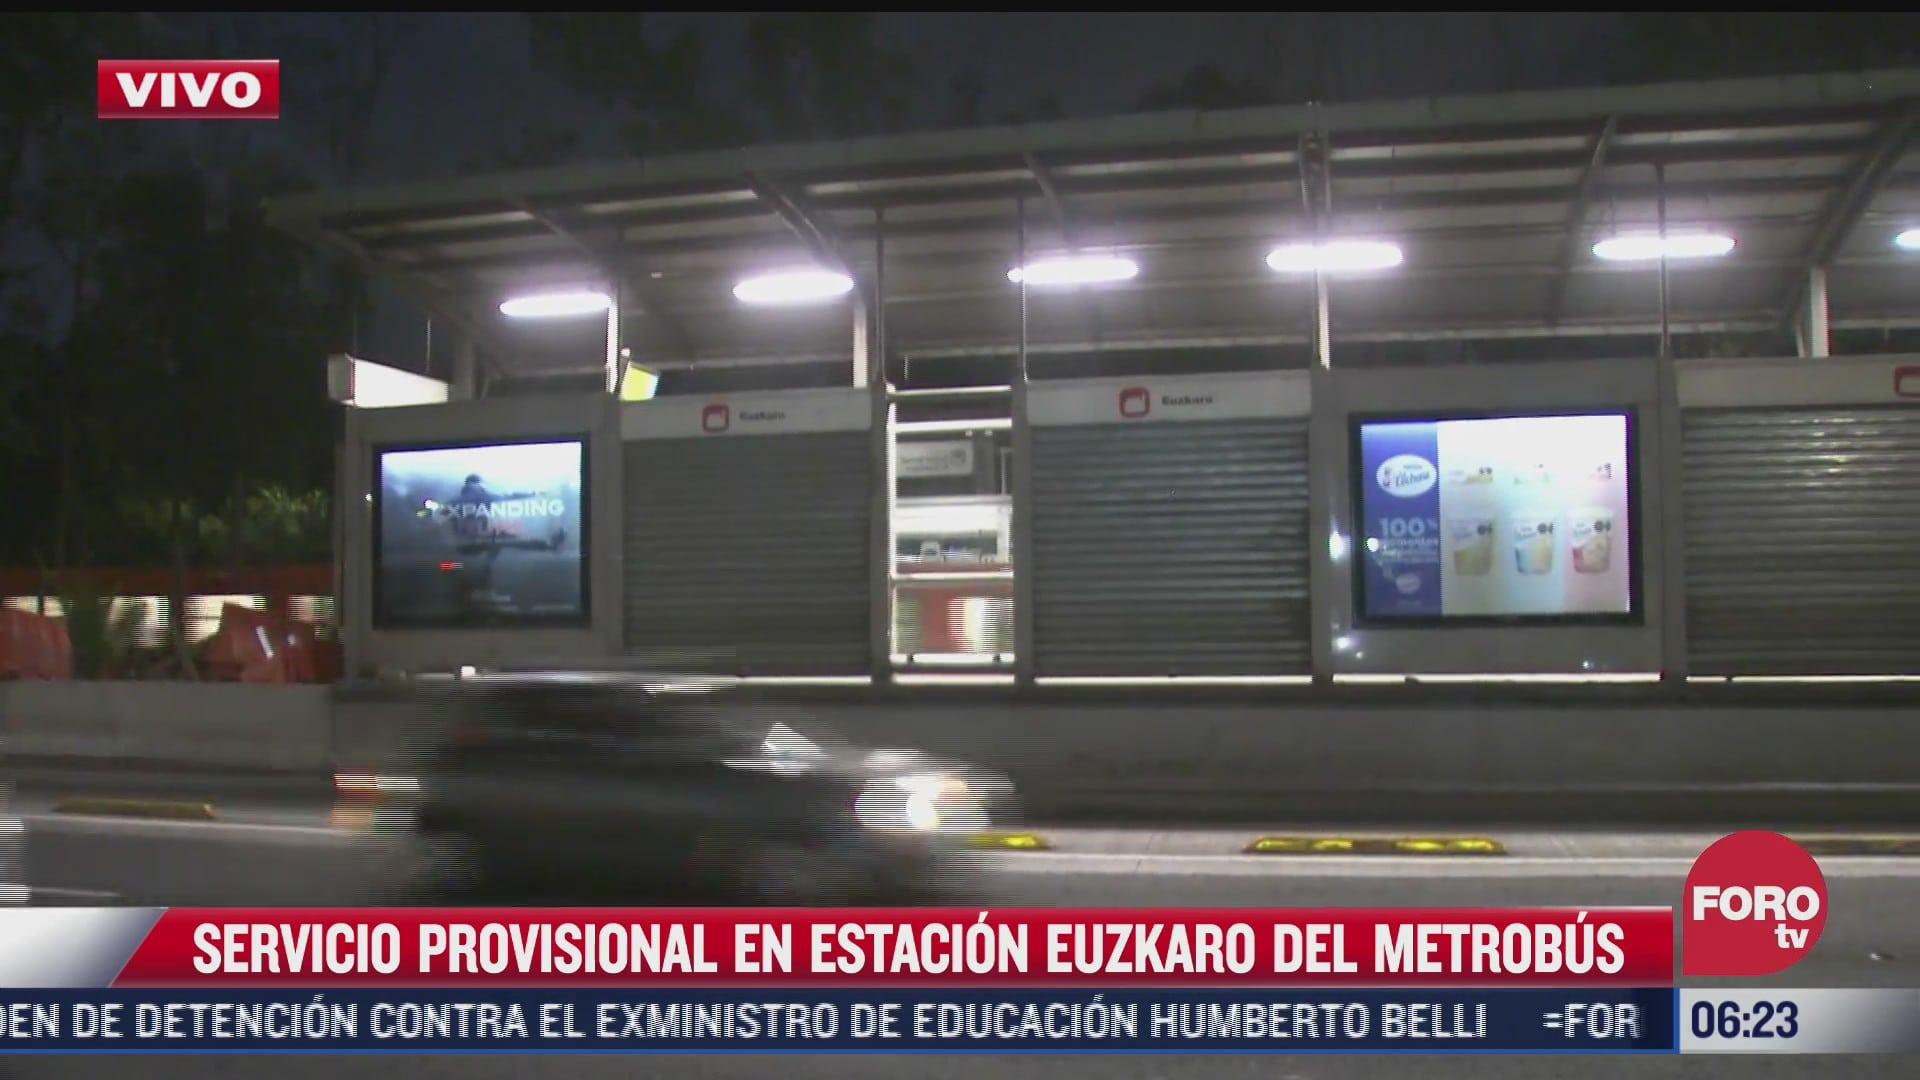 continua cerrada la estacion del metrobus euzkaro por mantenimiento